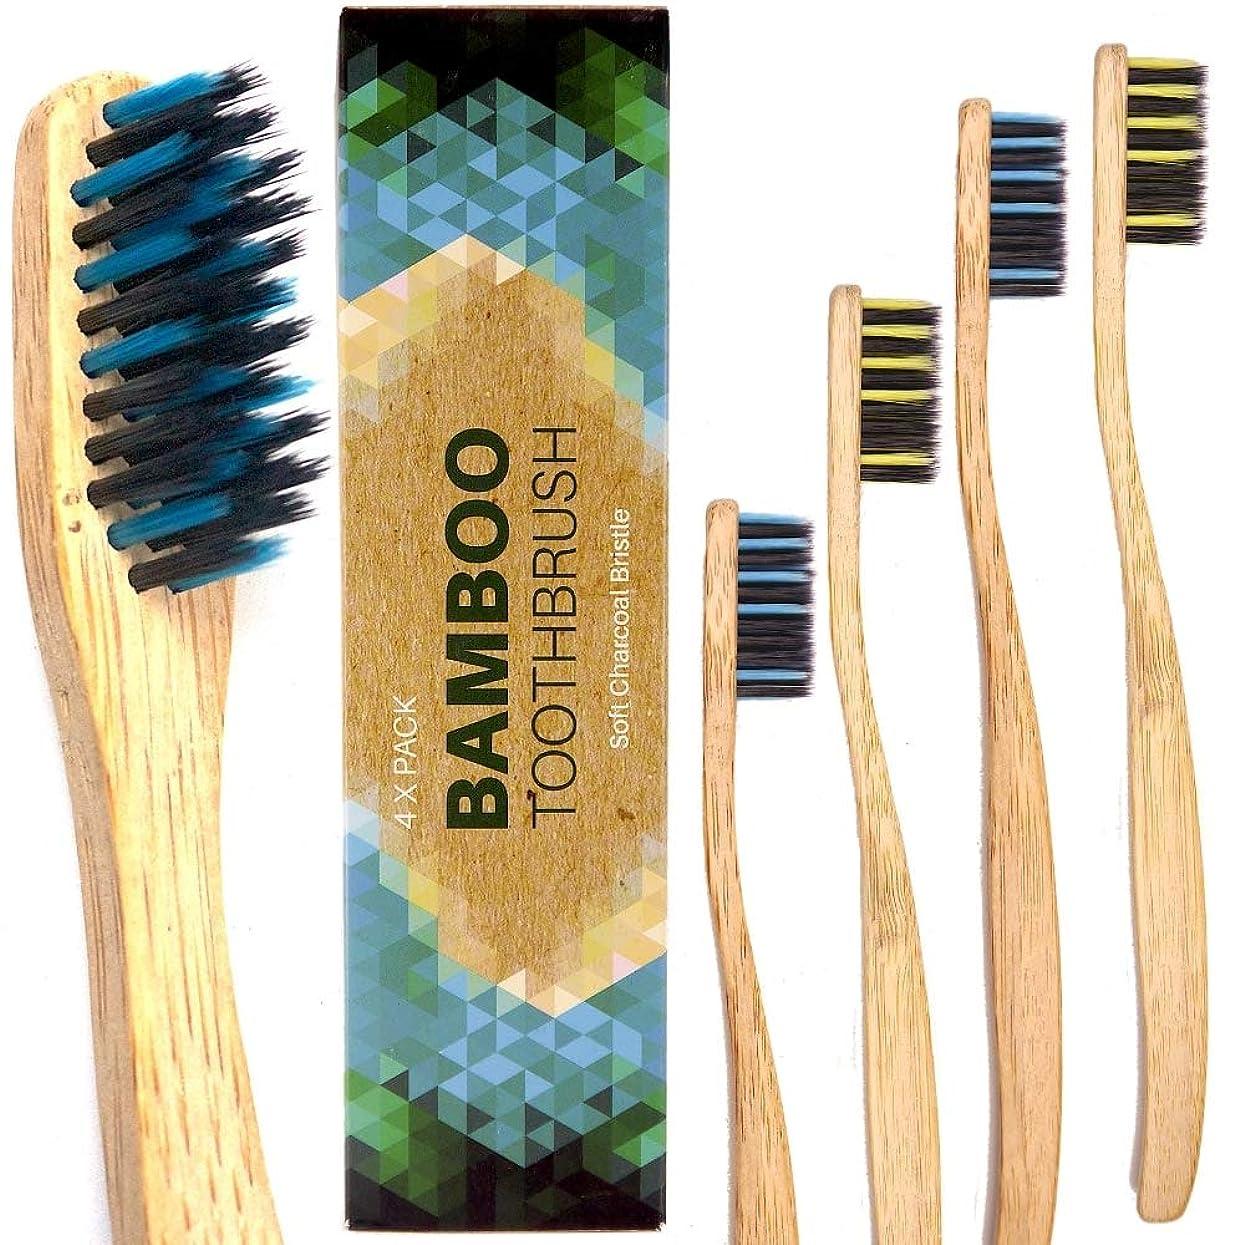 シアー歌う貢献竹製歯ブラシ。チャコールブリストル大人 - ミディアム及びソフト、生分解性、ビーガン、バイオ、エコ、持続可能な木製ハンドル4本パック4 Bamboo Toothbrushes, ホワイトニング 歯, ドイツの品質, 竹歯ブラシ